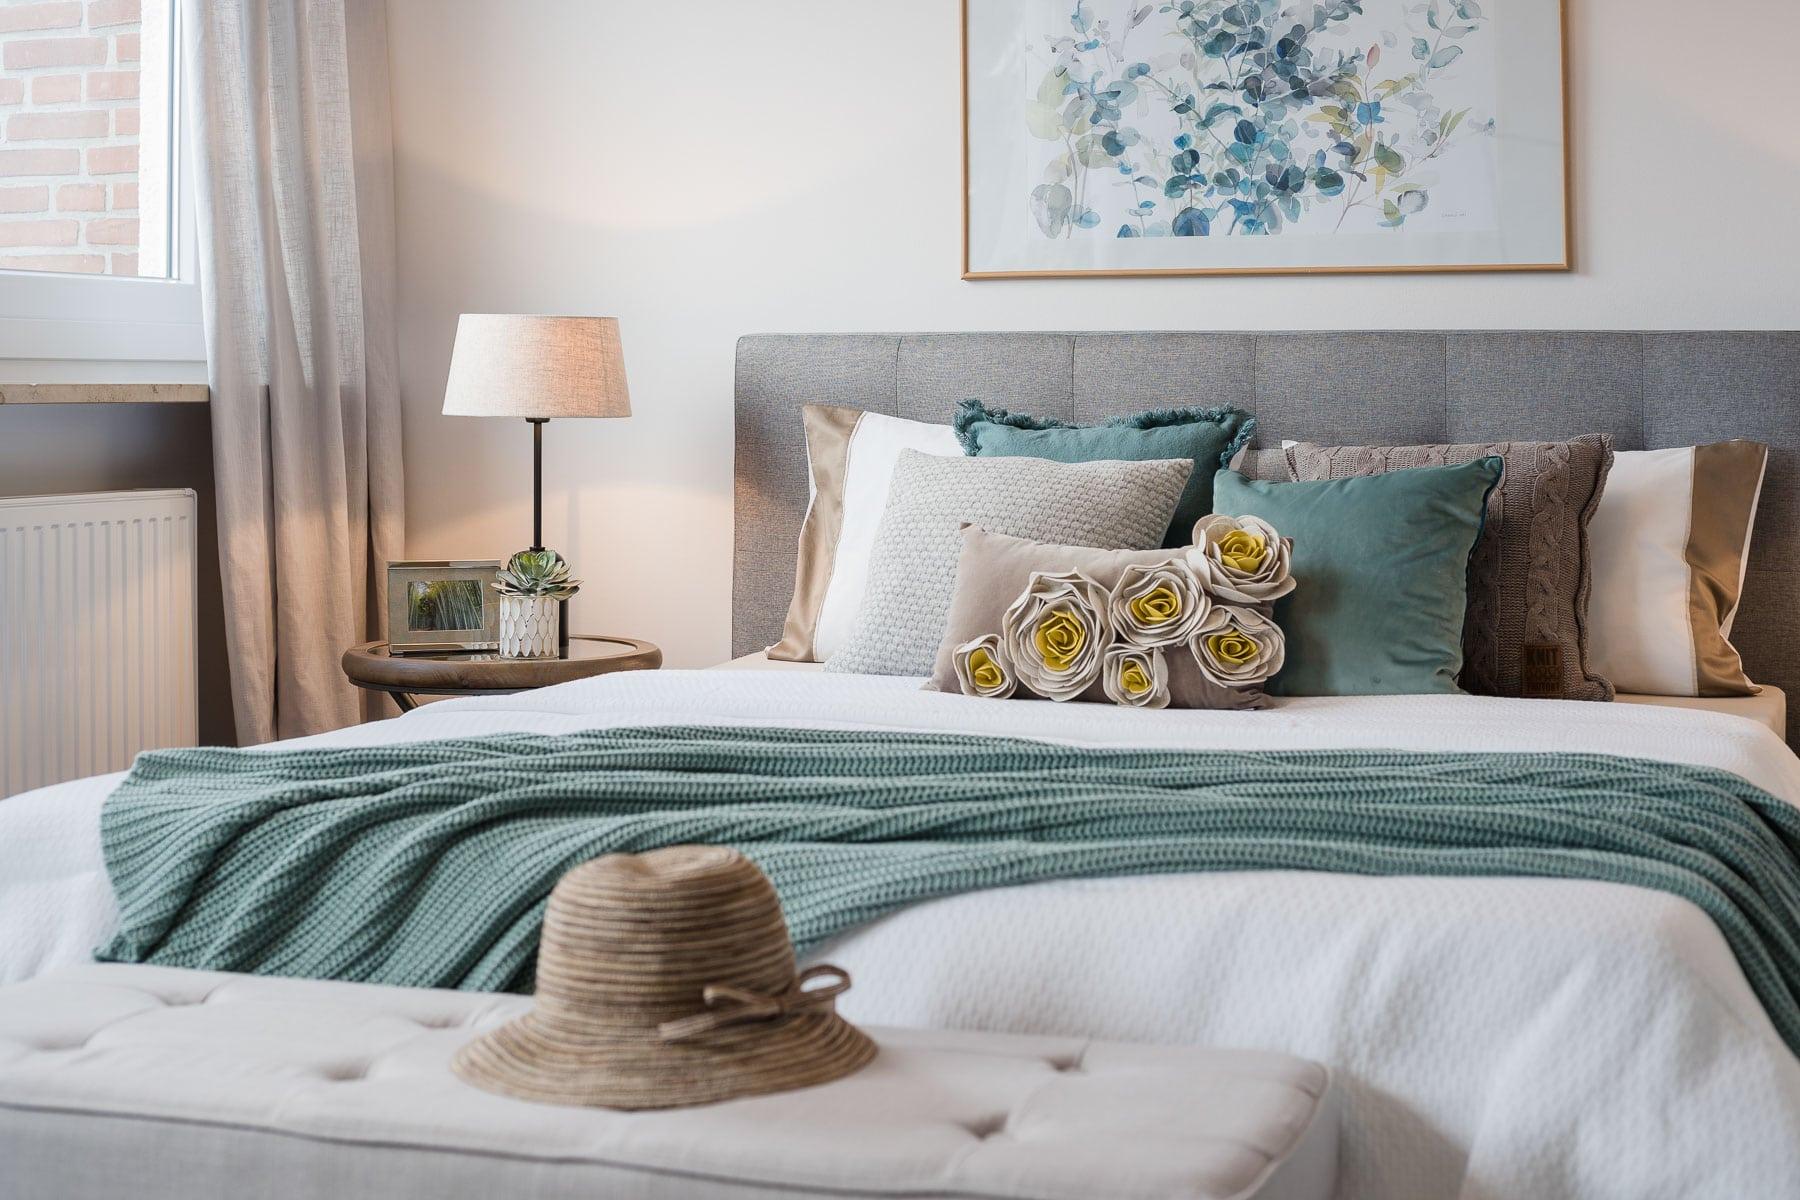 Detailfoto Bett Interior Fotograf